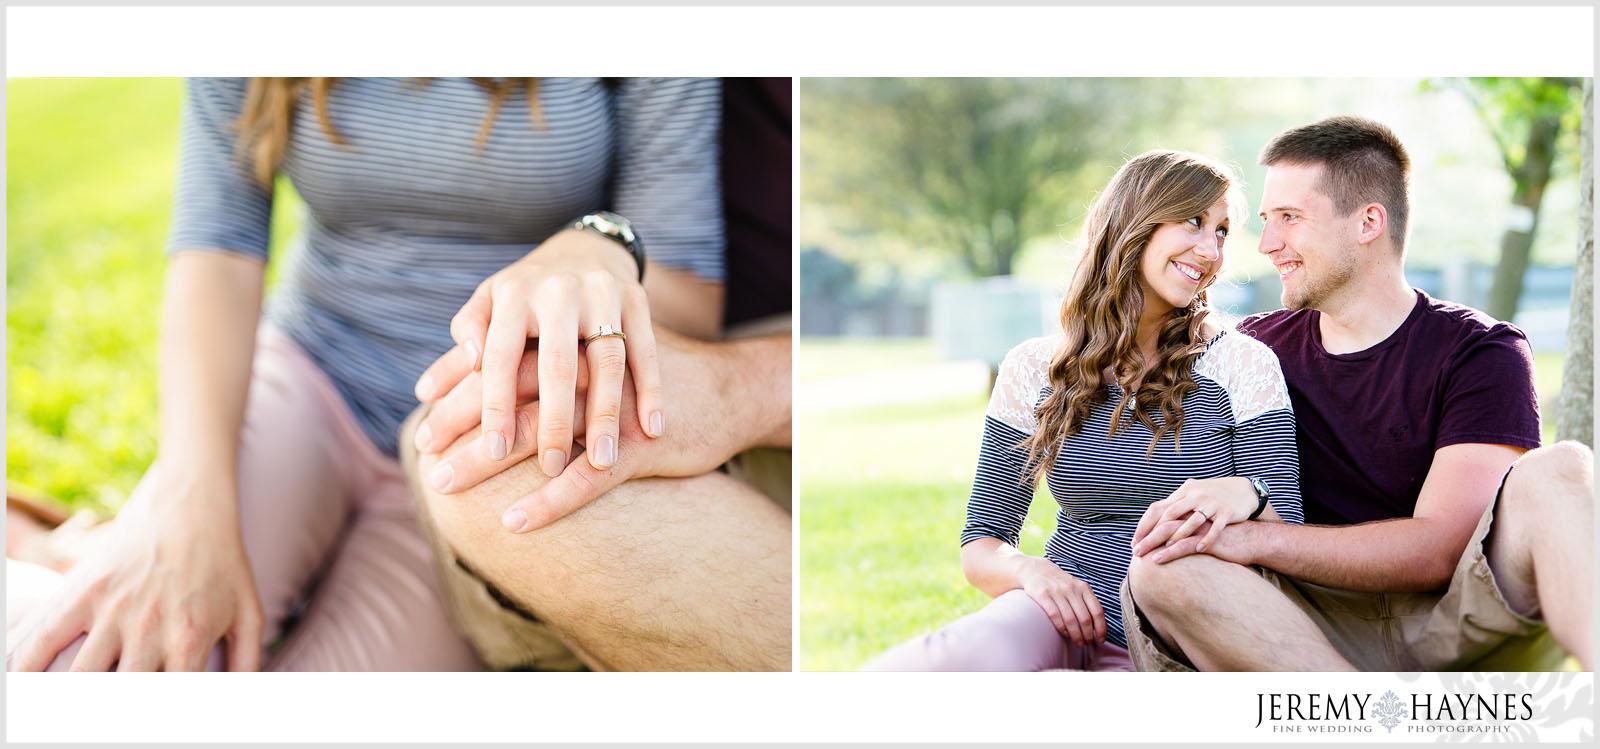 romantic-engagement-photos-falls-park-pendleton